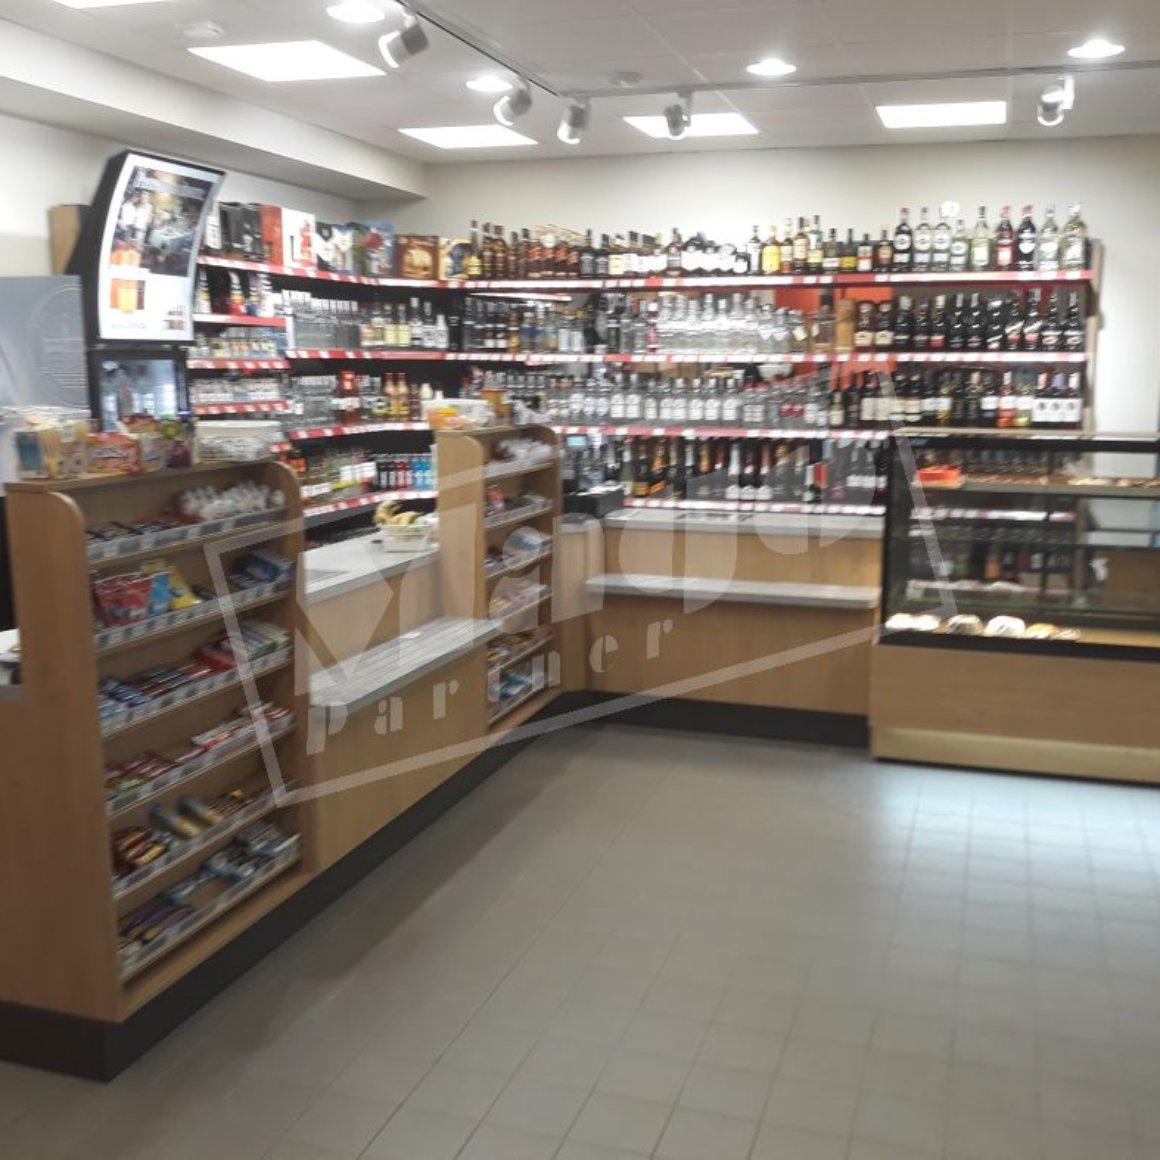 Poważnie Projektowanie i aranżacja wnętrz sklepów spożywczych - Mago Partner CL92